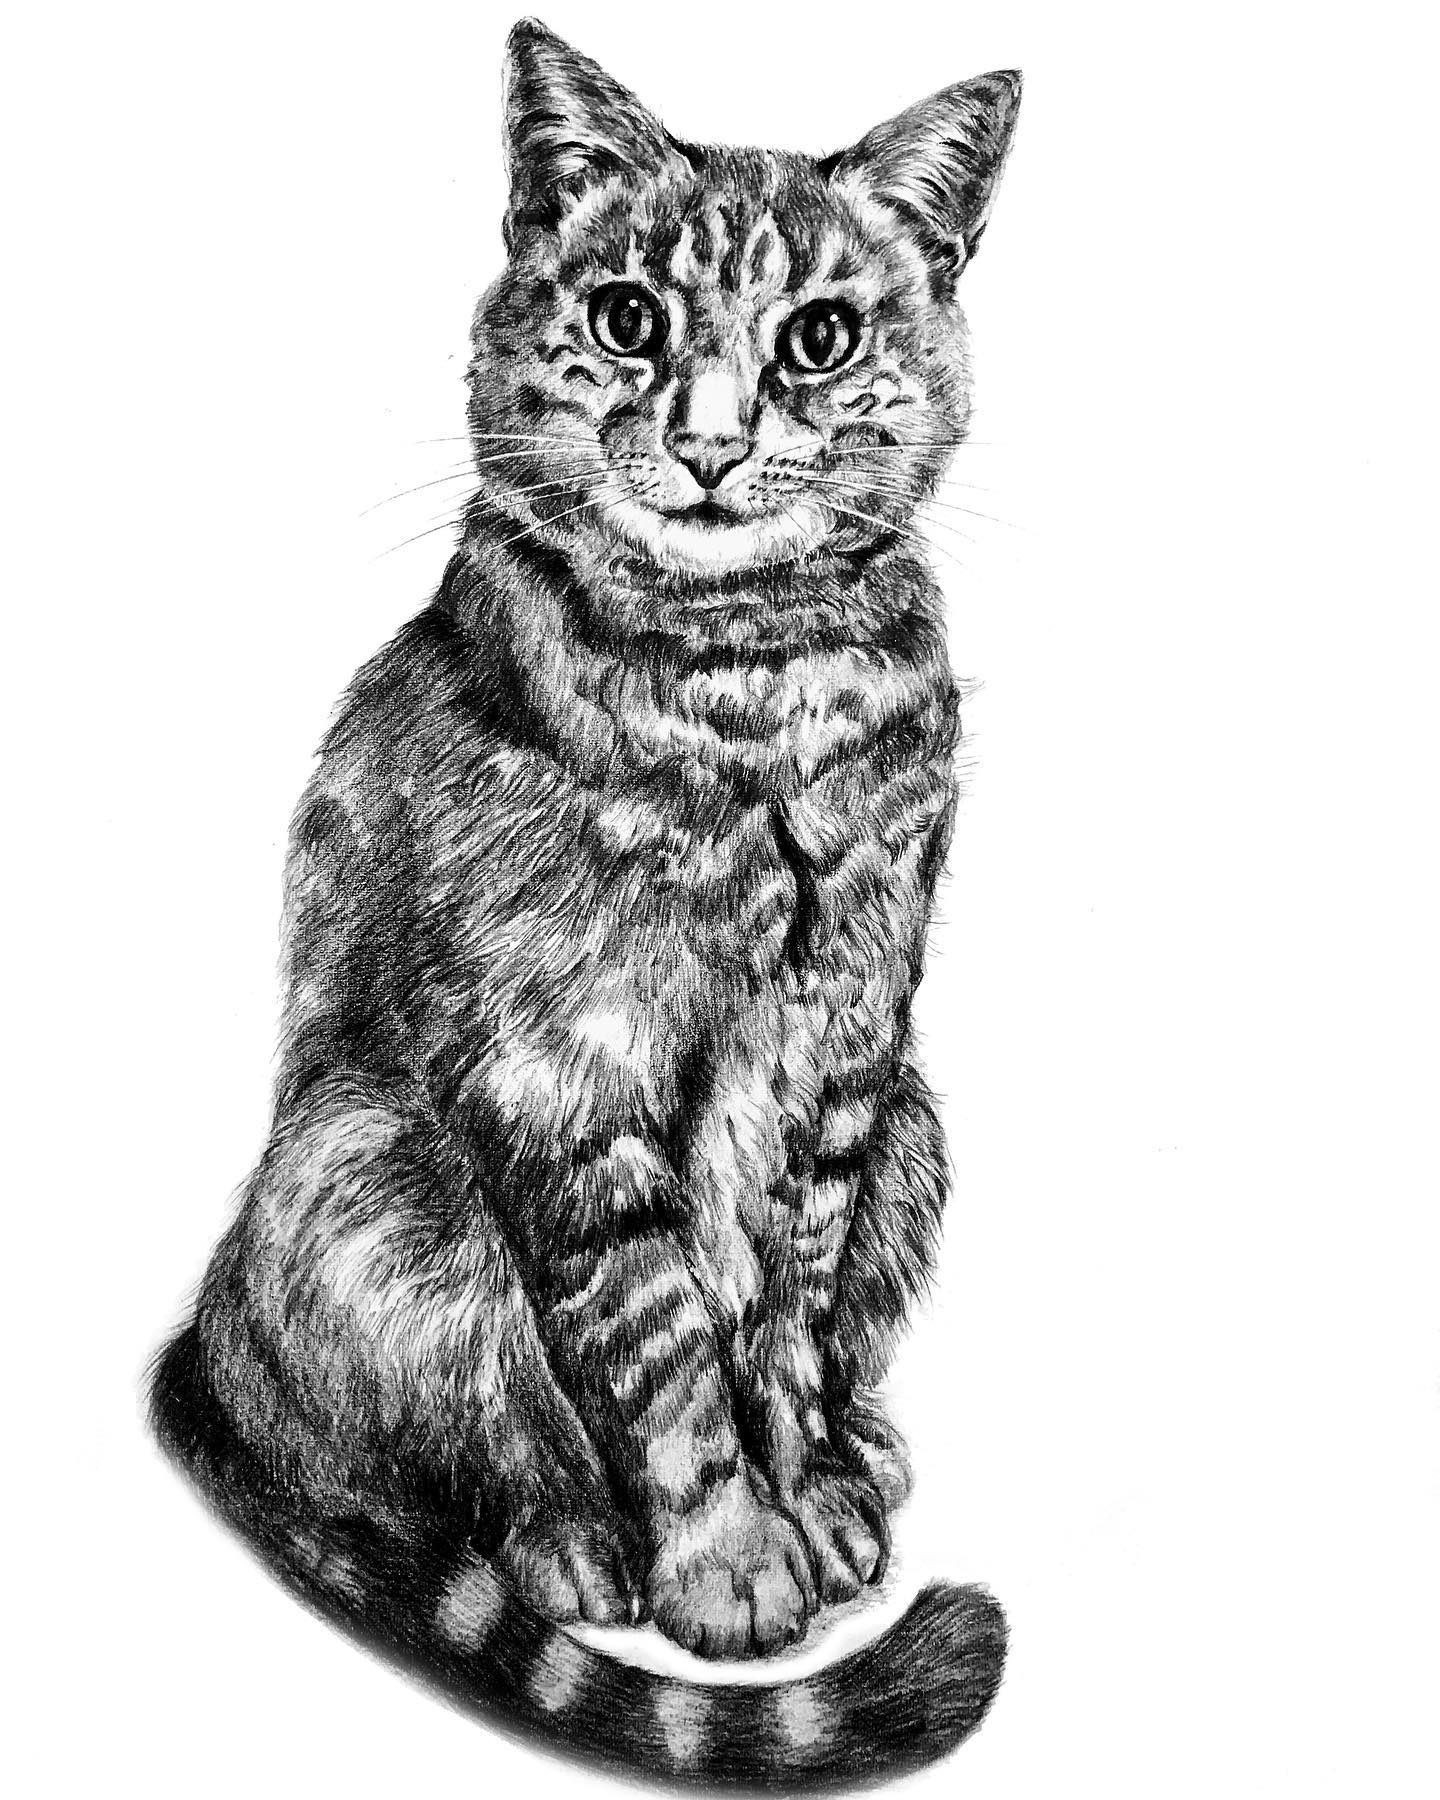 Pencil drawing_Tabby cat